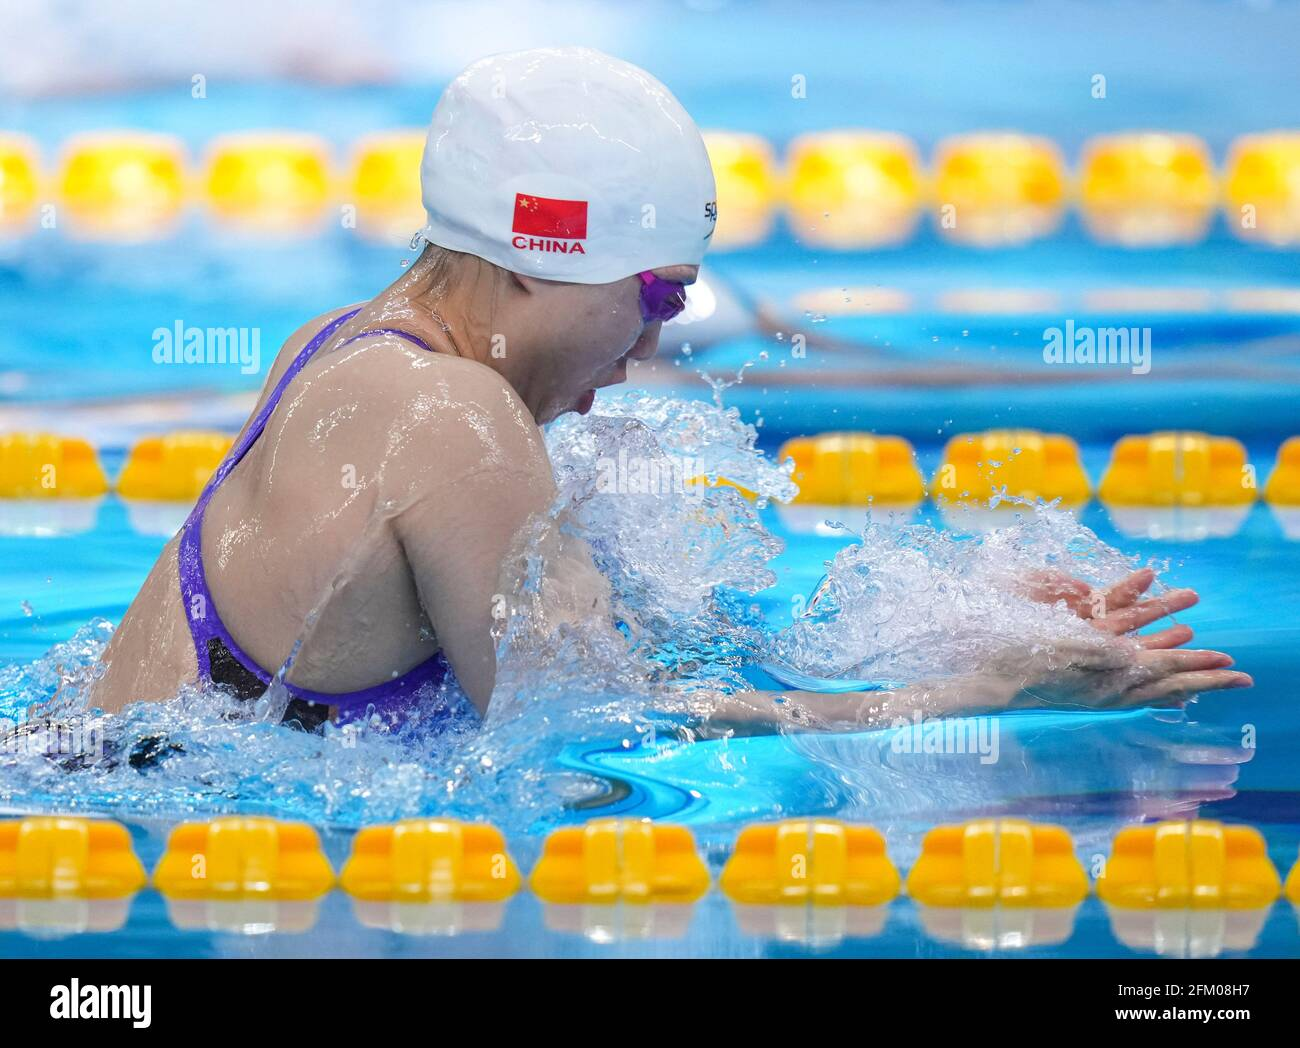 Qingdao, China. Mai 2021. Tang Qianting aus Shanghai tritt beim Halbfinale der Frauen mit 200 m Brustschwimmen bei den chinesischen nationalen Schwimmmeisterschaften 2021 in Qingdao, Ostchina, am 5. Mai 2021 an. Quelle: Xu Chang/Xinhua/Alamy Live News Stockfoto